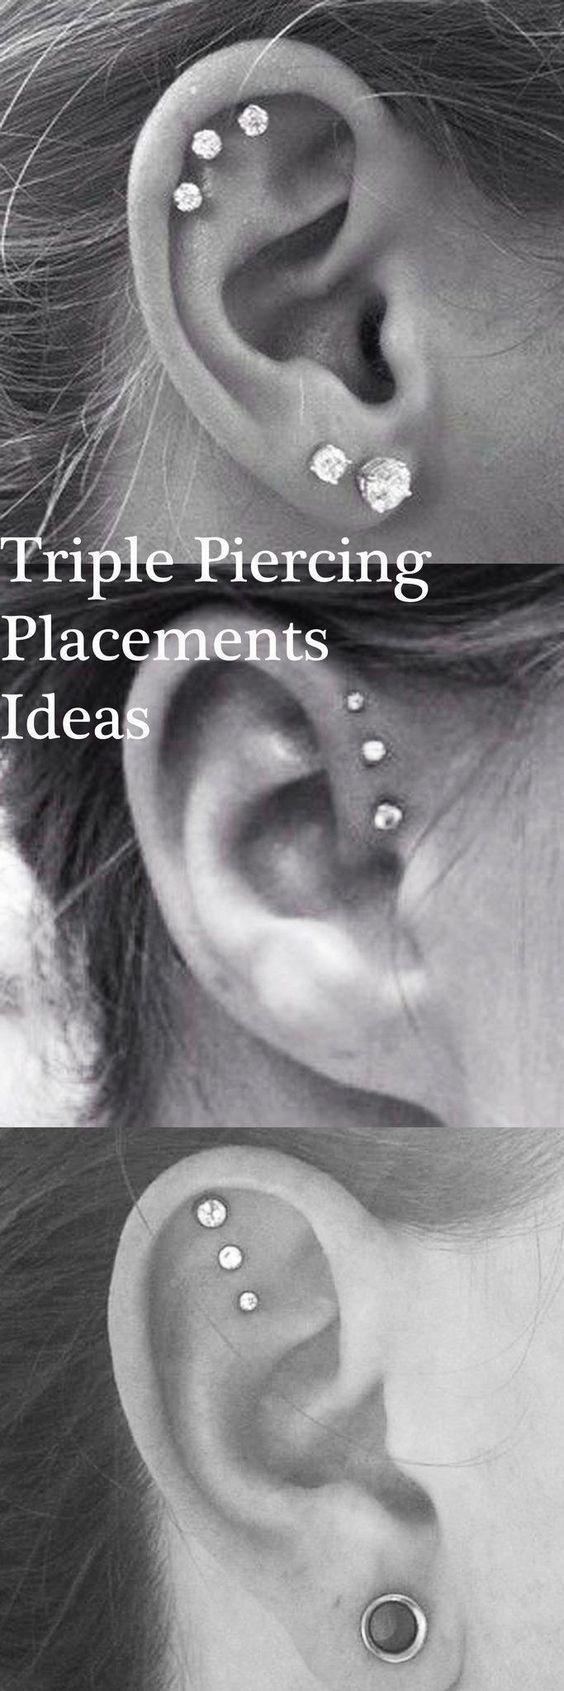 Idées de piercing ! Pour l'hélix, plusieurs possibilités très originales ! #piercing #fashion #helixpiercing - Pinehouse #earpiercingideas